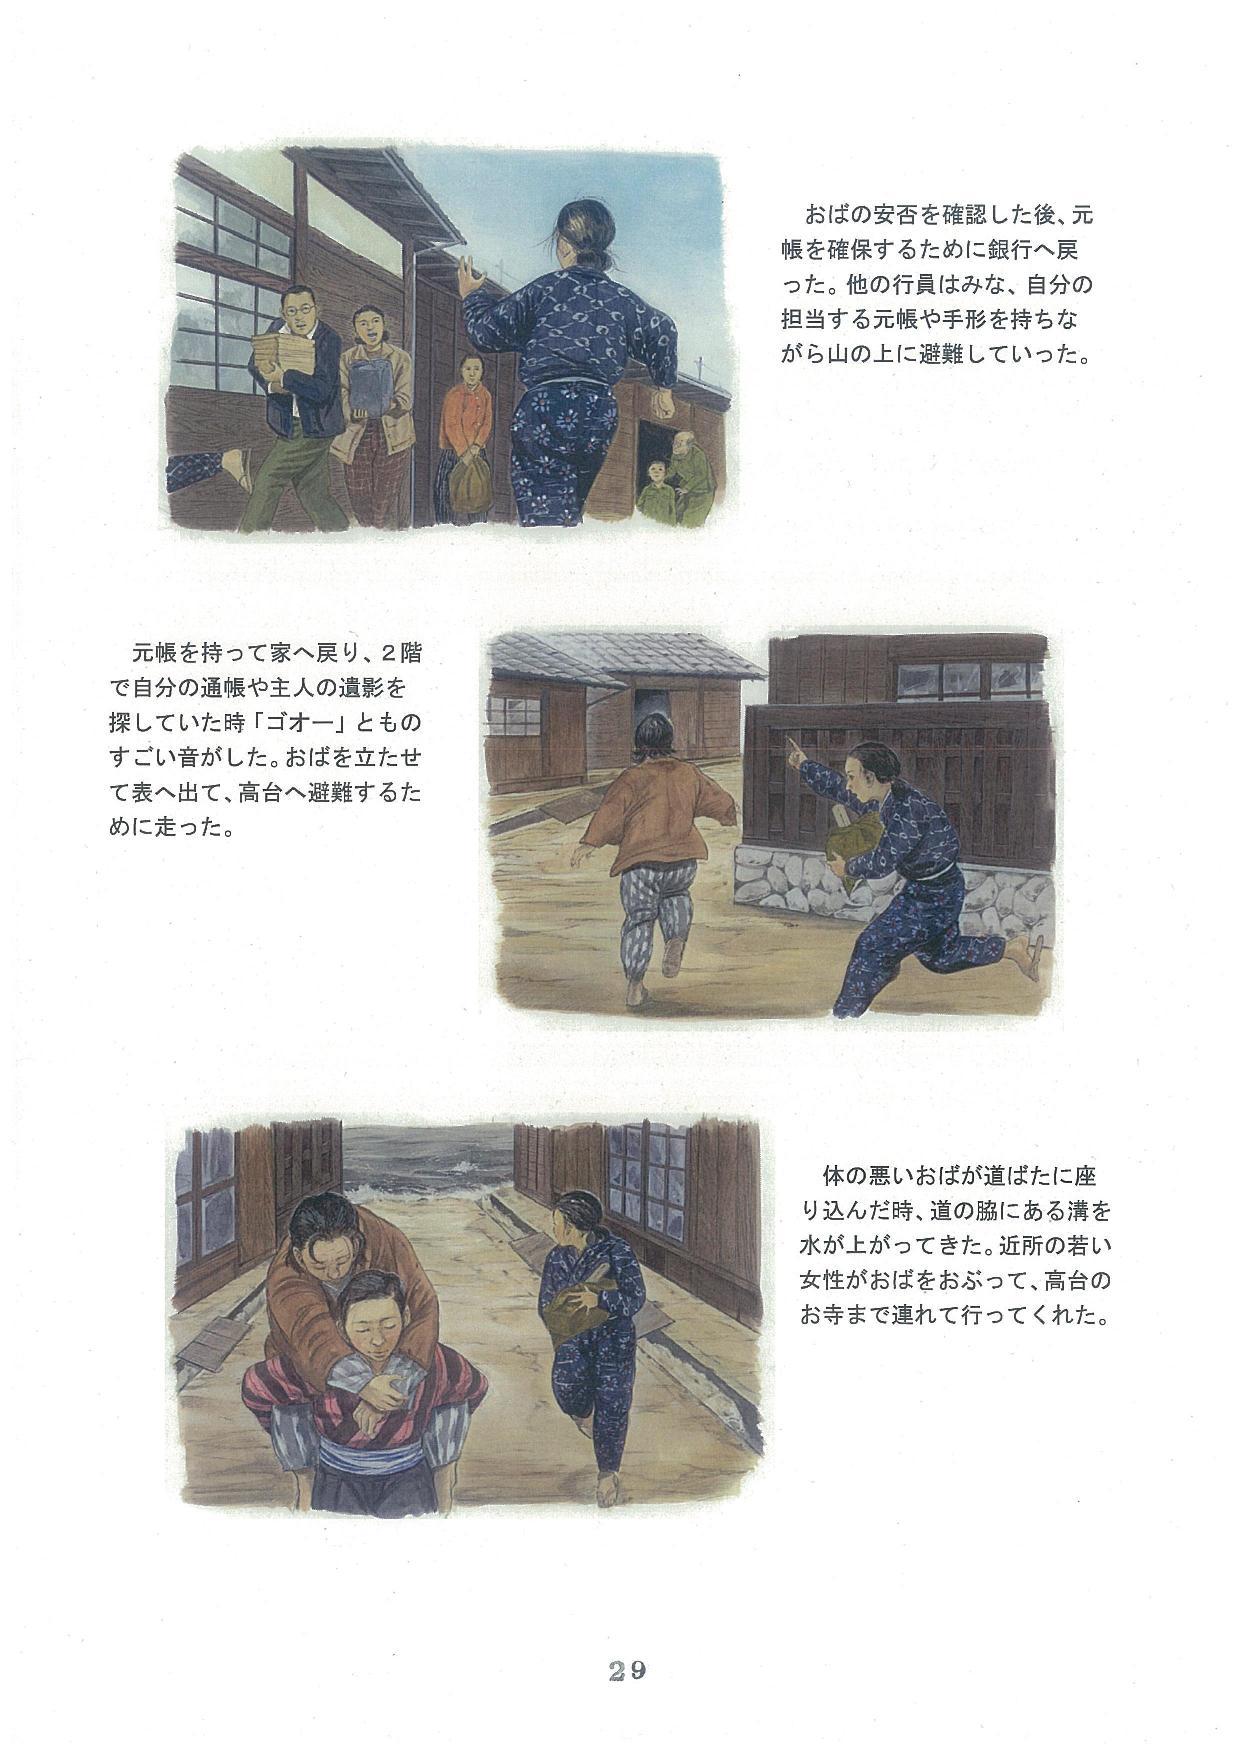 20171208-02_ページ_29